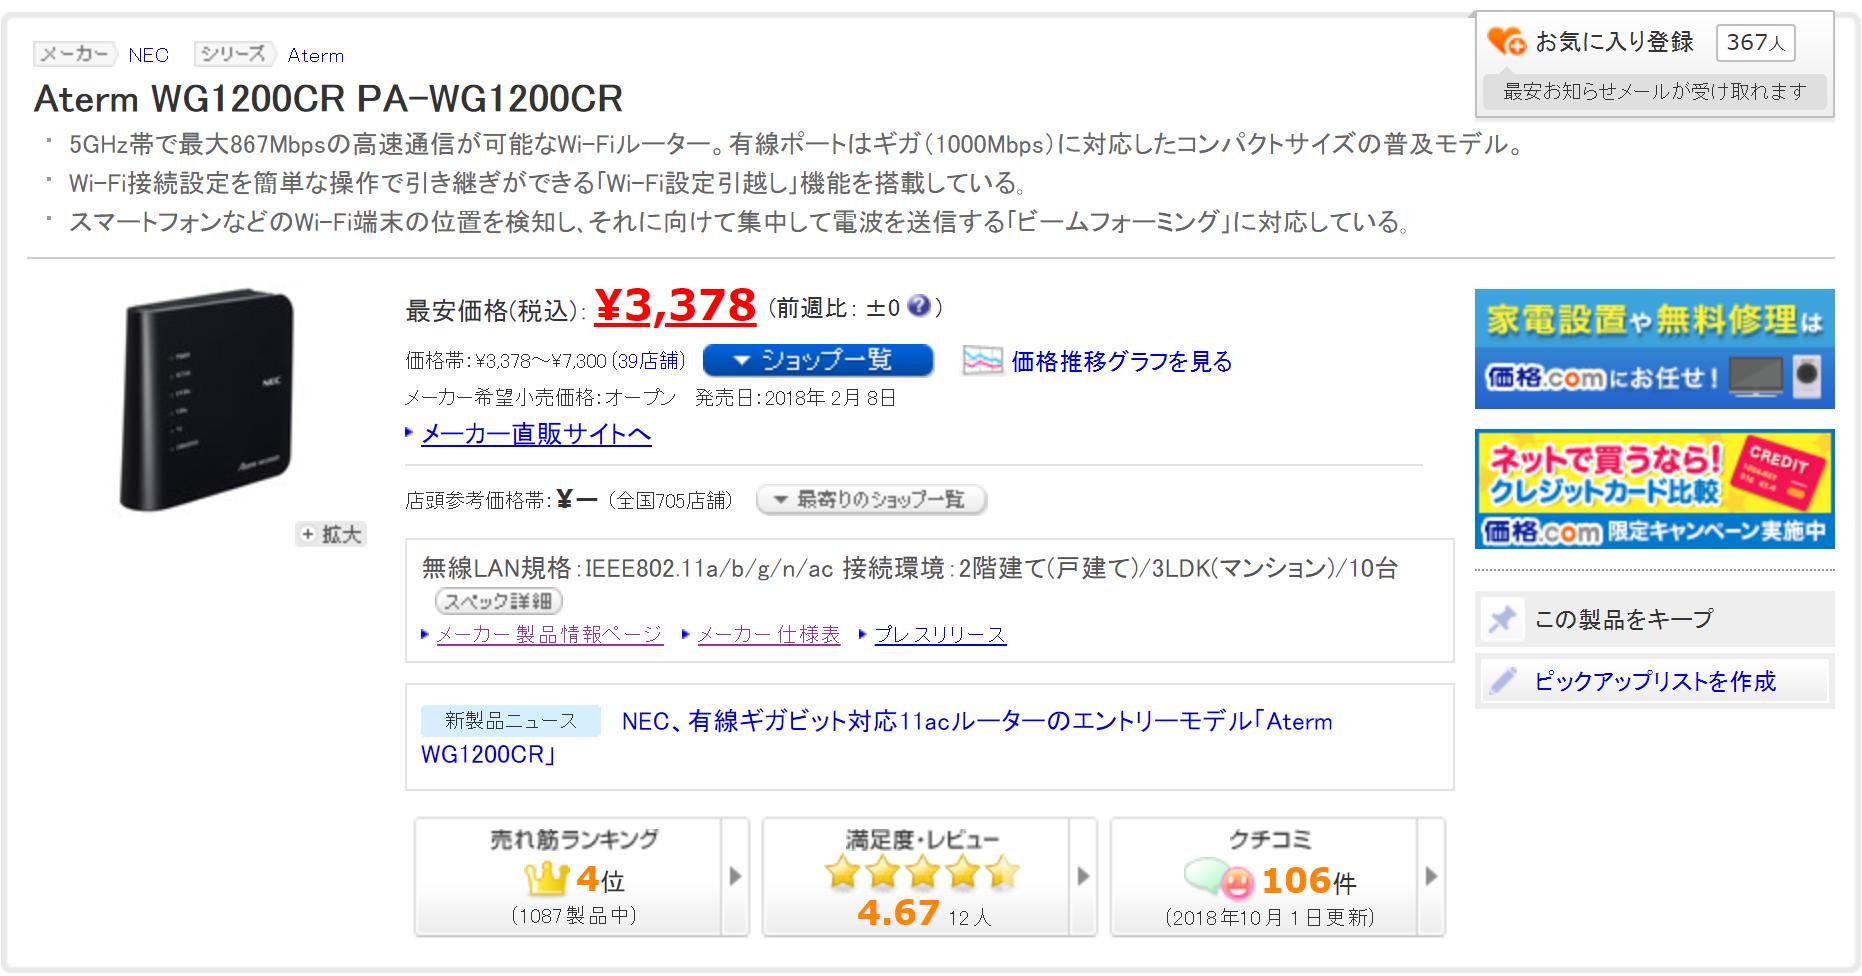 価格.comでのアウンカンパニー特典ルーターの評判